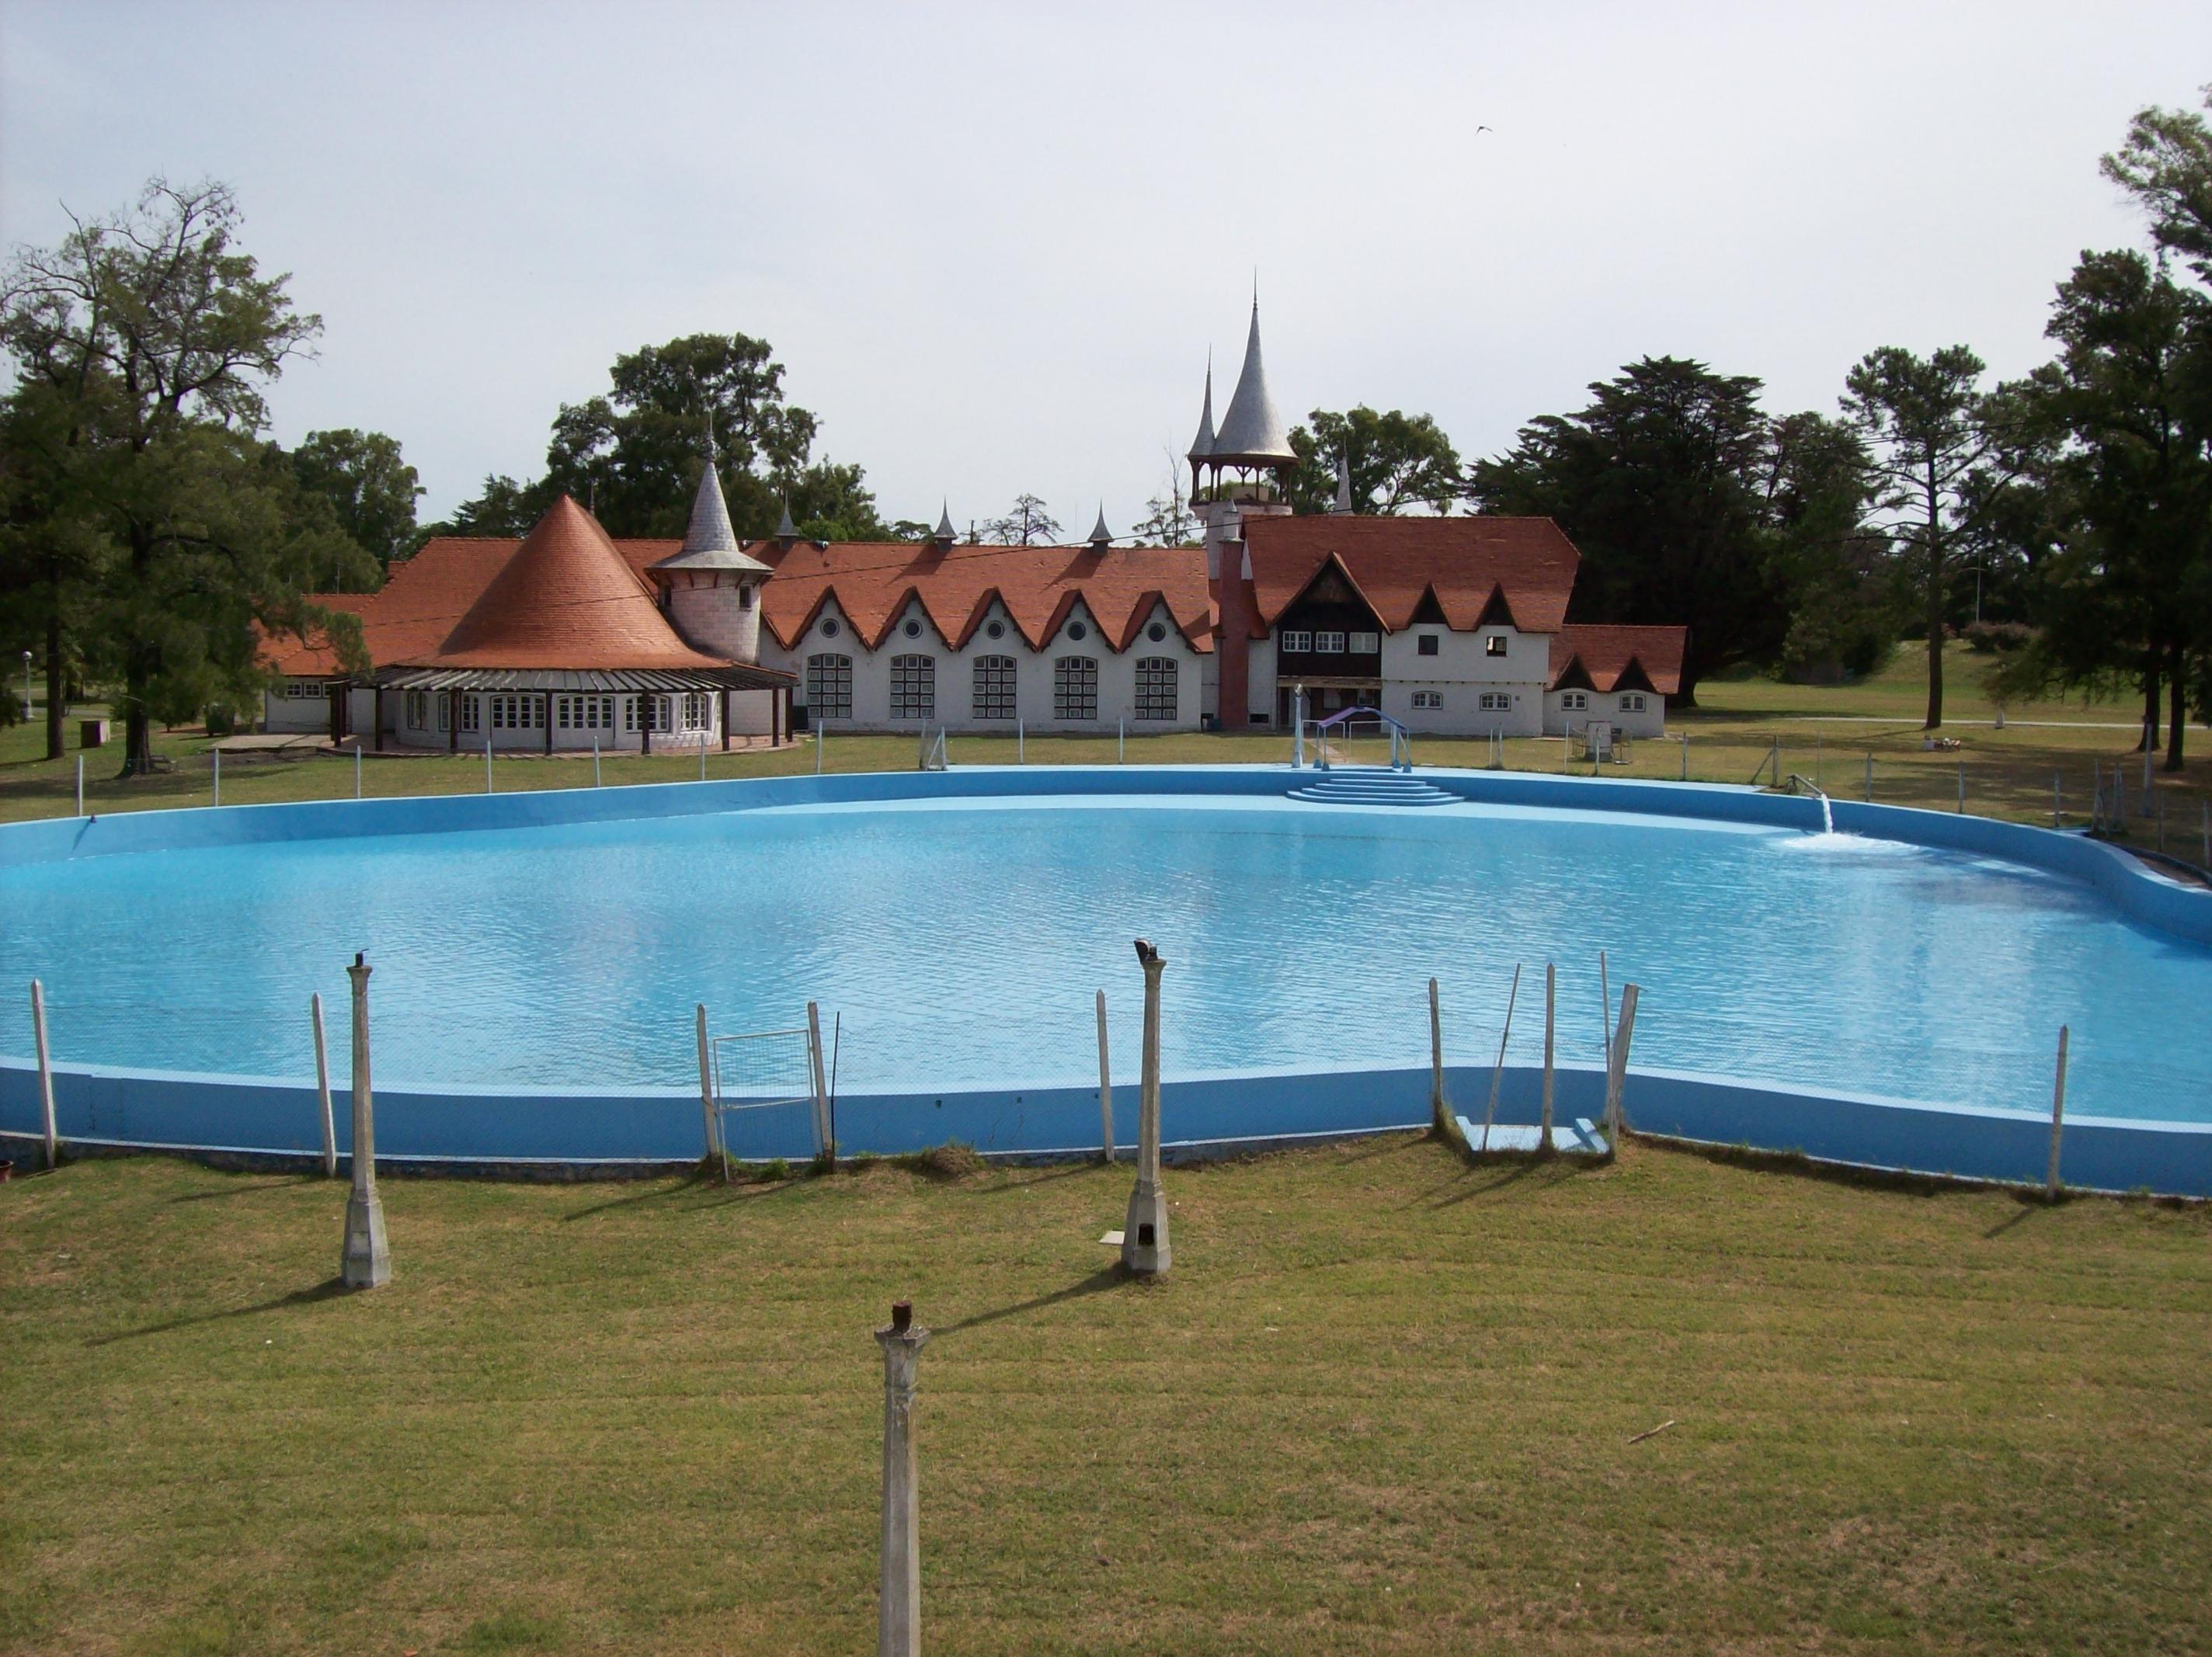 La messa a riposo della piscina prima dell 39 inverno prontopro - Piscina in casa ...